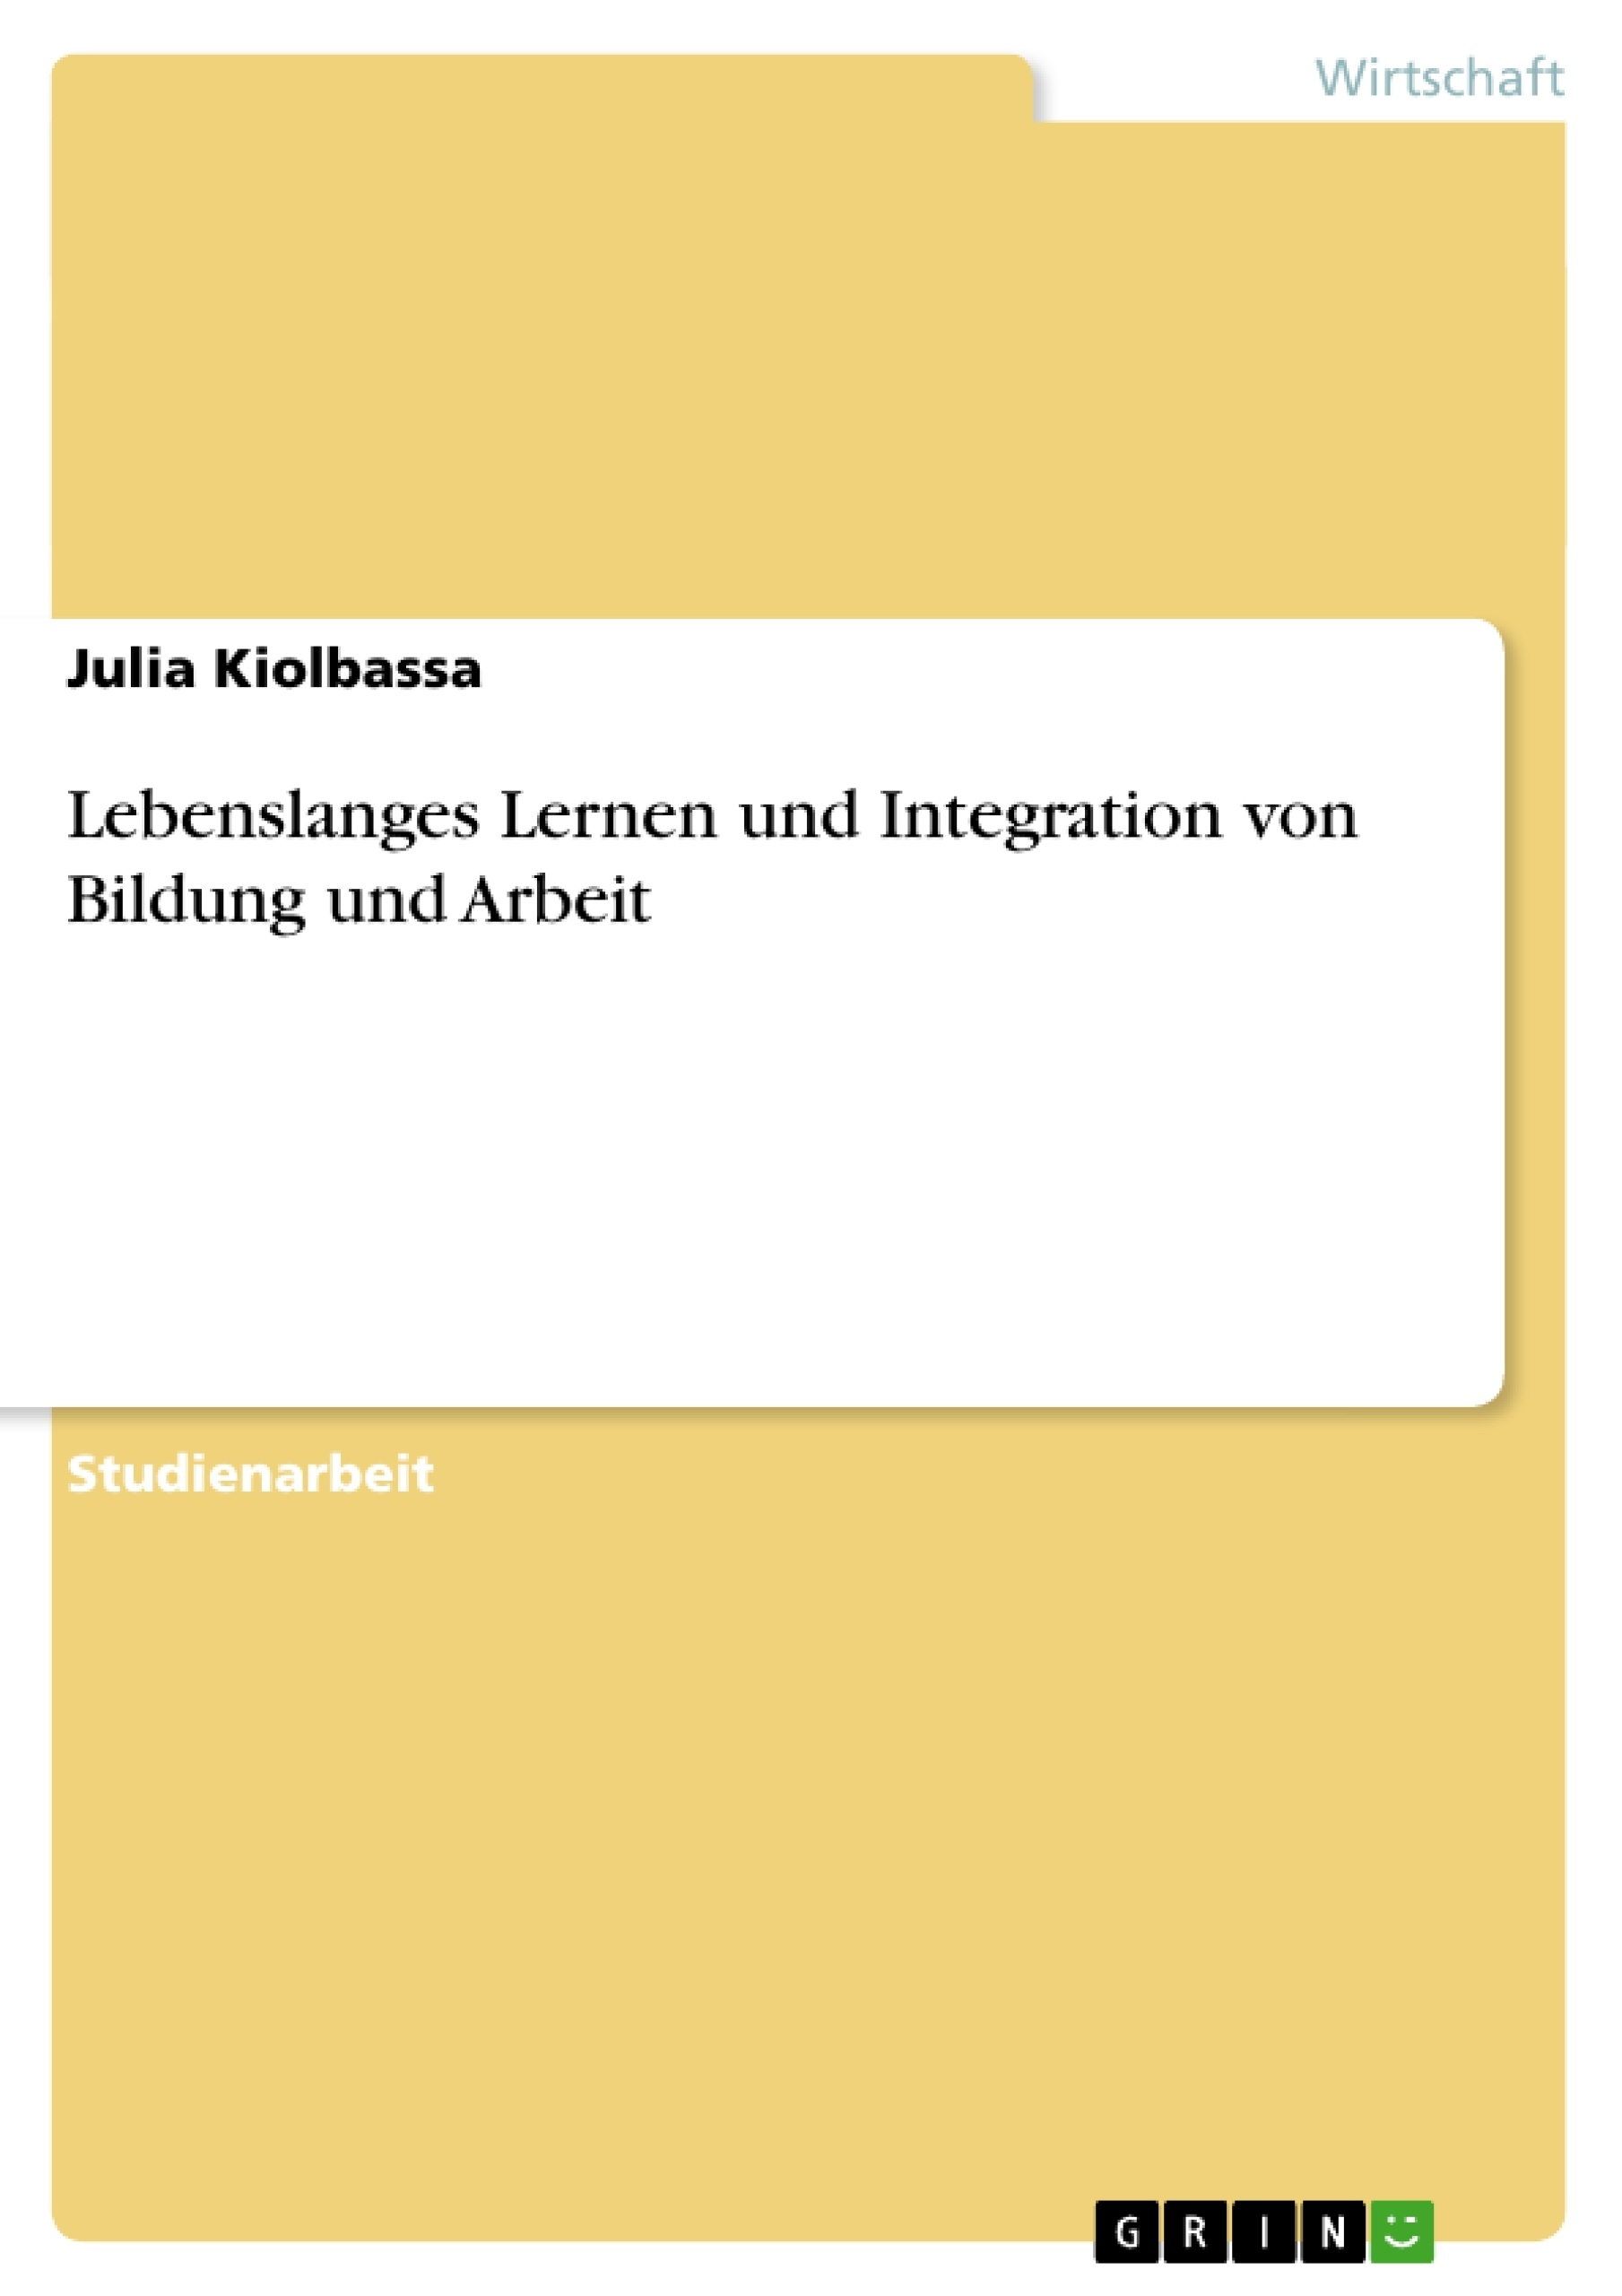 Titel: Lebenslanges Lernen und Integration von Bildung und Arbeit